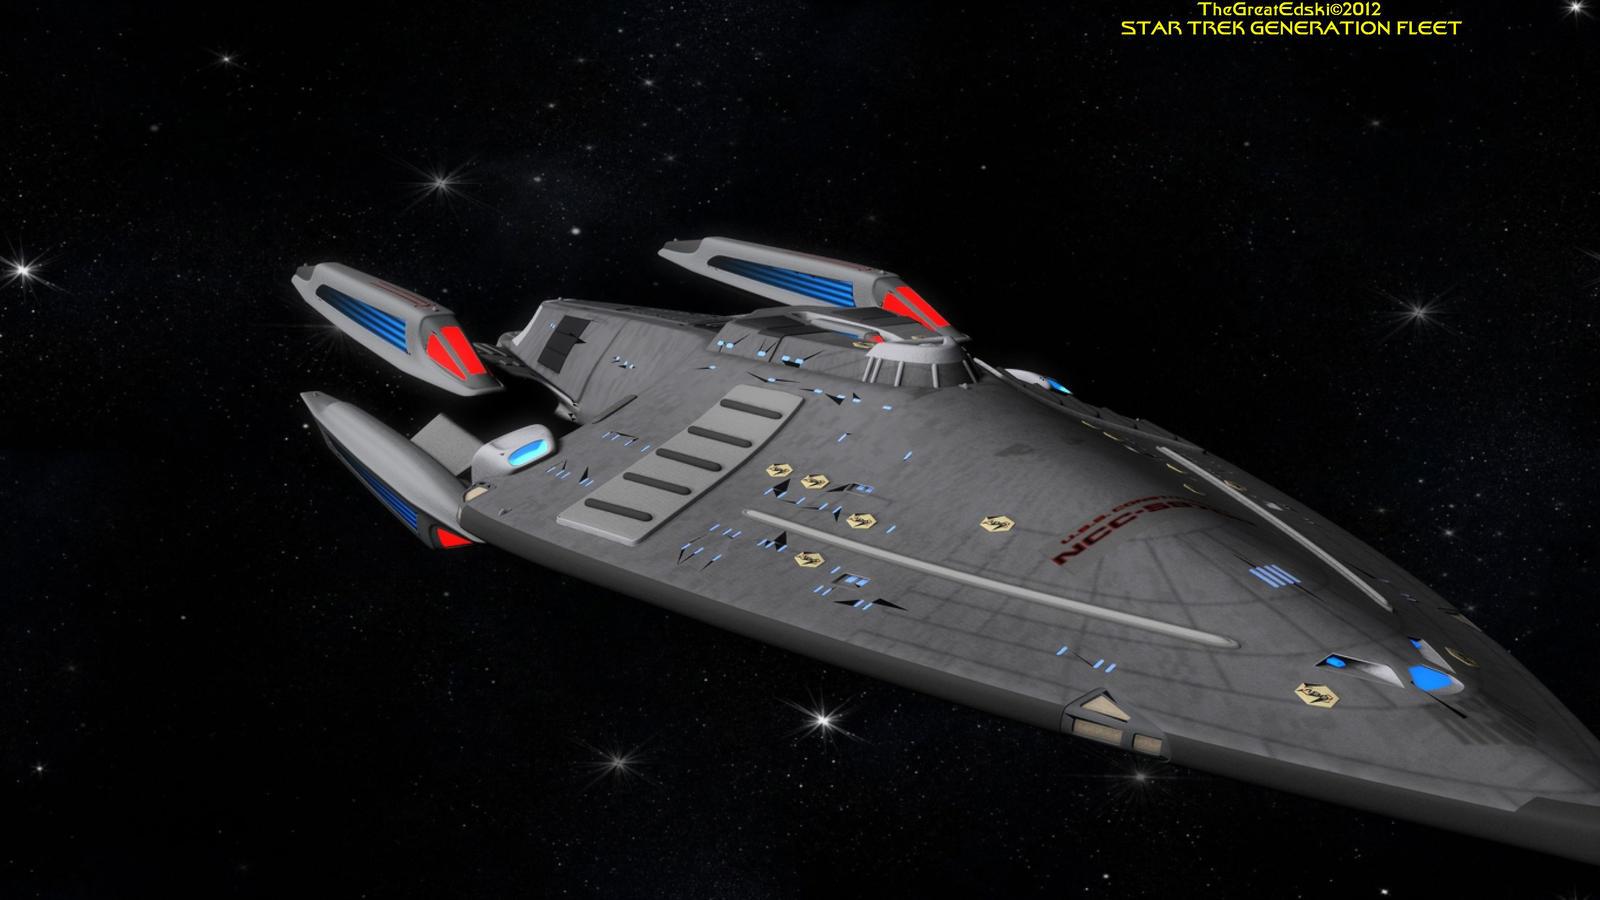 starship schematics with Star Trek Generation Fleet U S S Constitution 296361171 on XCV 330 Ortho 543727879 additionally 132856257731788290 in addition  additionally 9634123 Star Trek Online 3A Defiant Bundle Stats likewise Minecraft Spaceship Schematic.